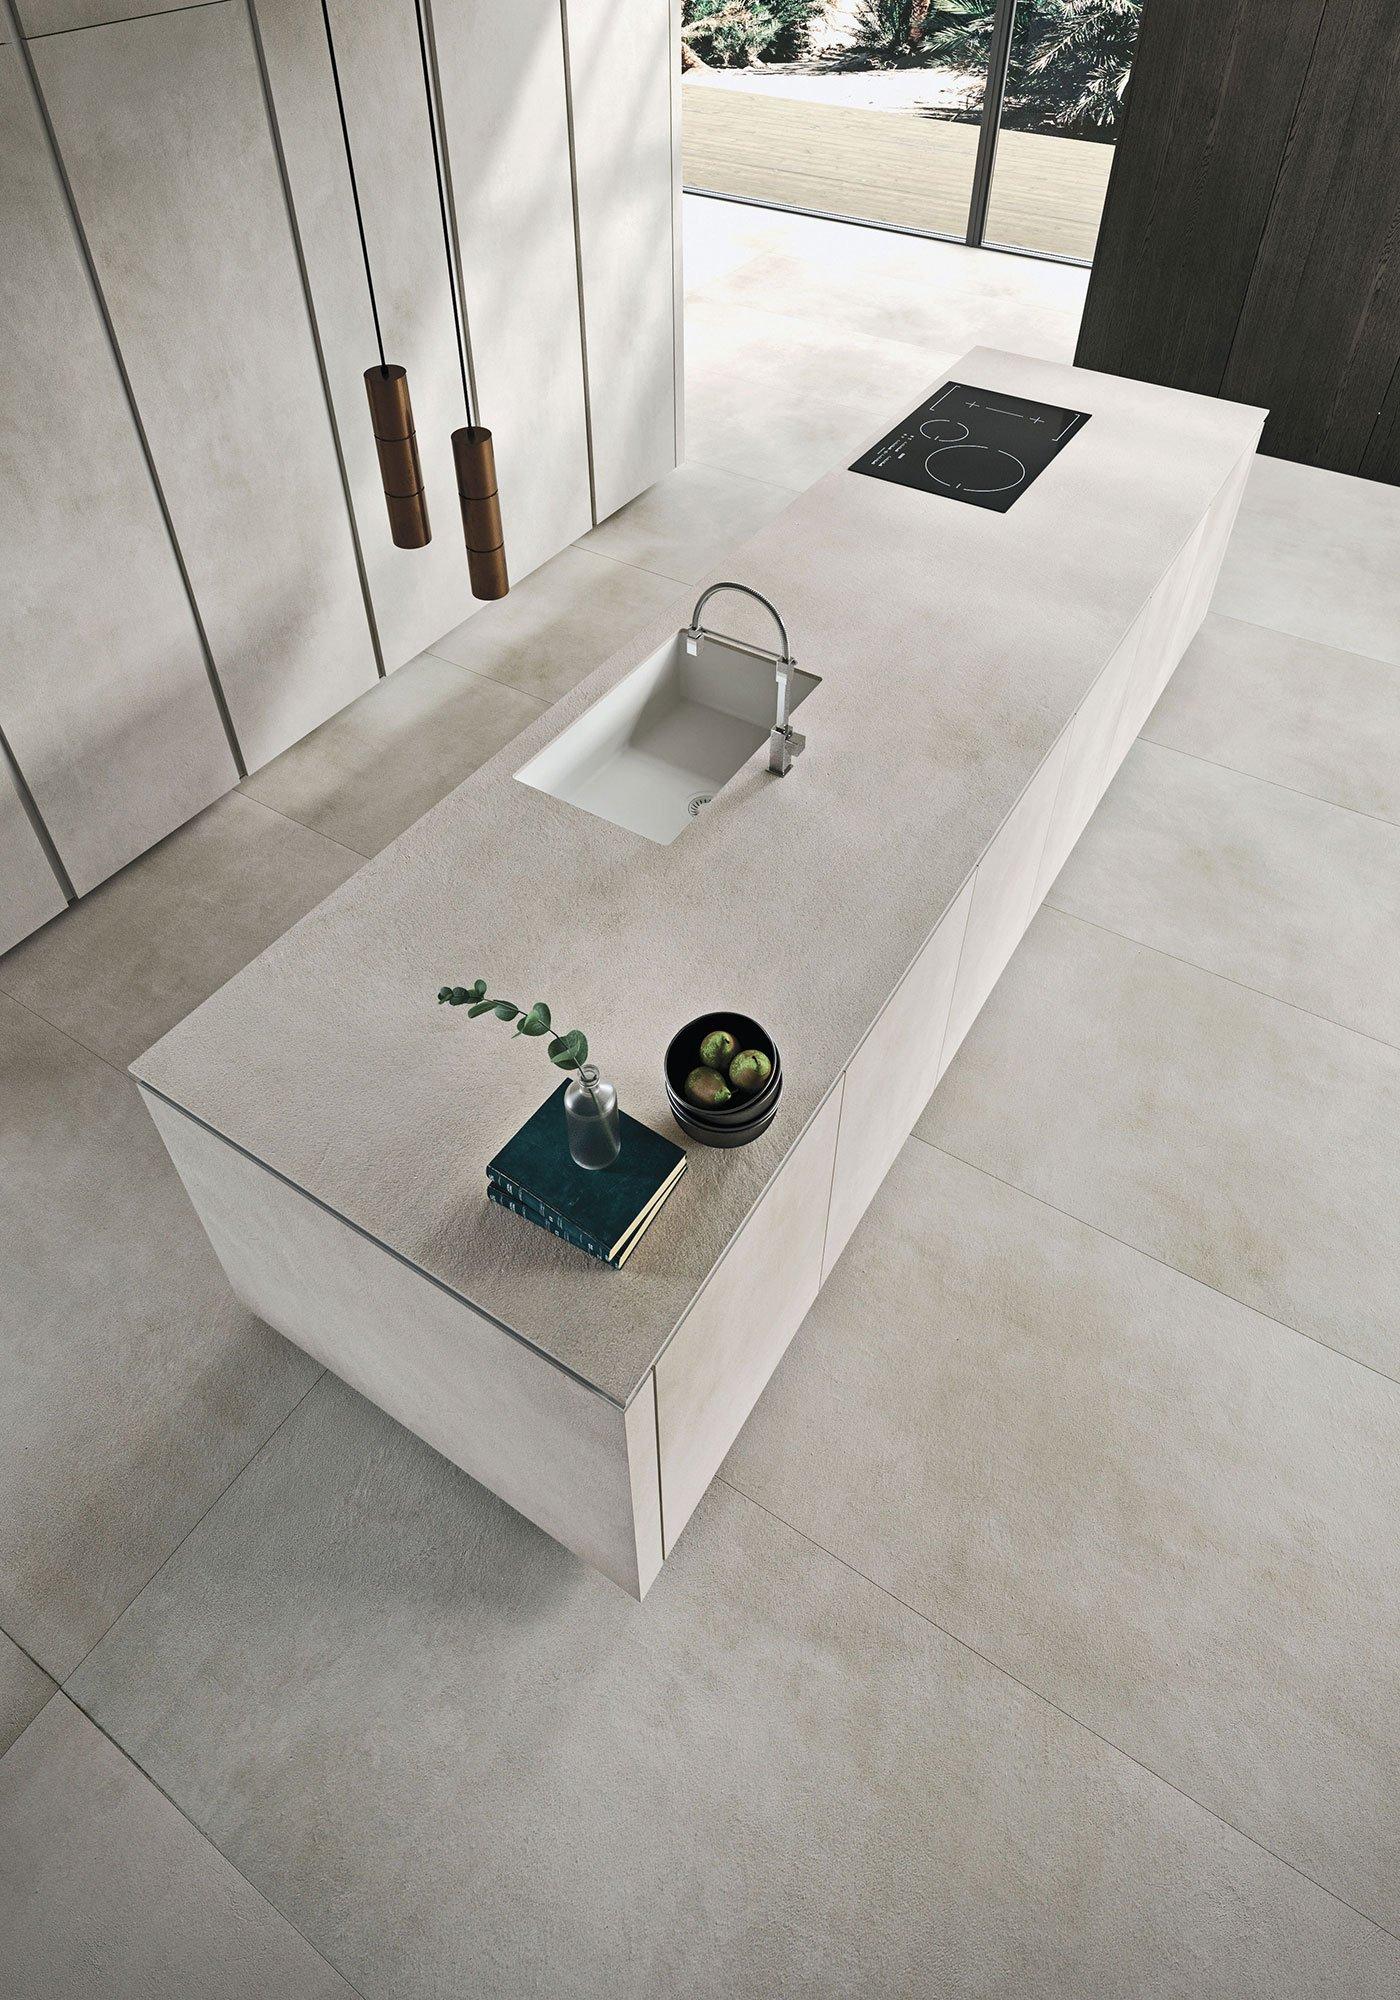 cucine-design-moderne-way-materia-snaidero-2   Arredolinea